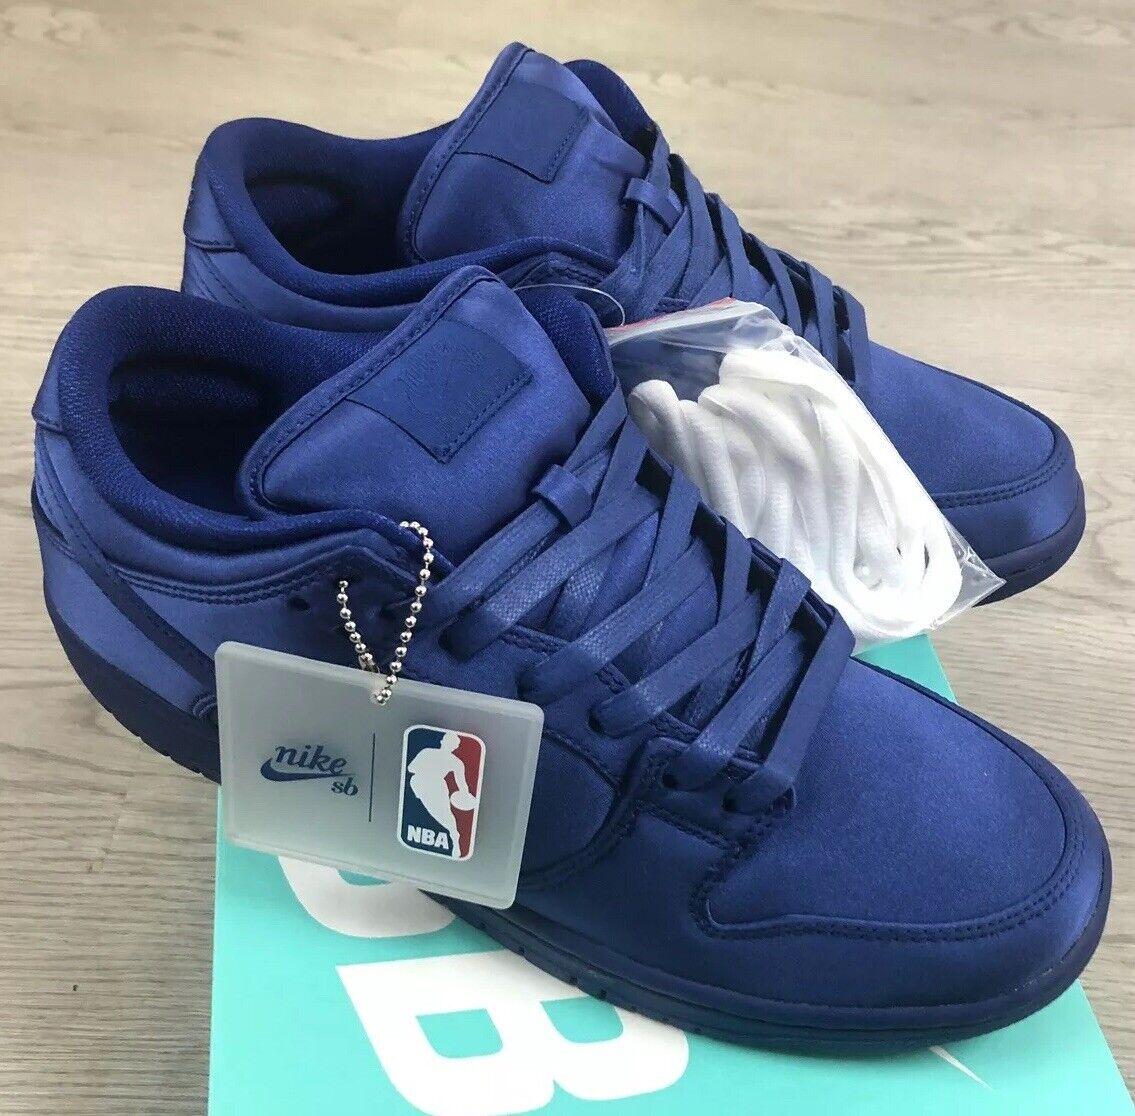 Nike Sb Dunk Bas Trd NBA Profond Royal Bleu Sz 10 Nib AR1577-446